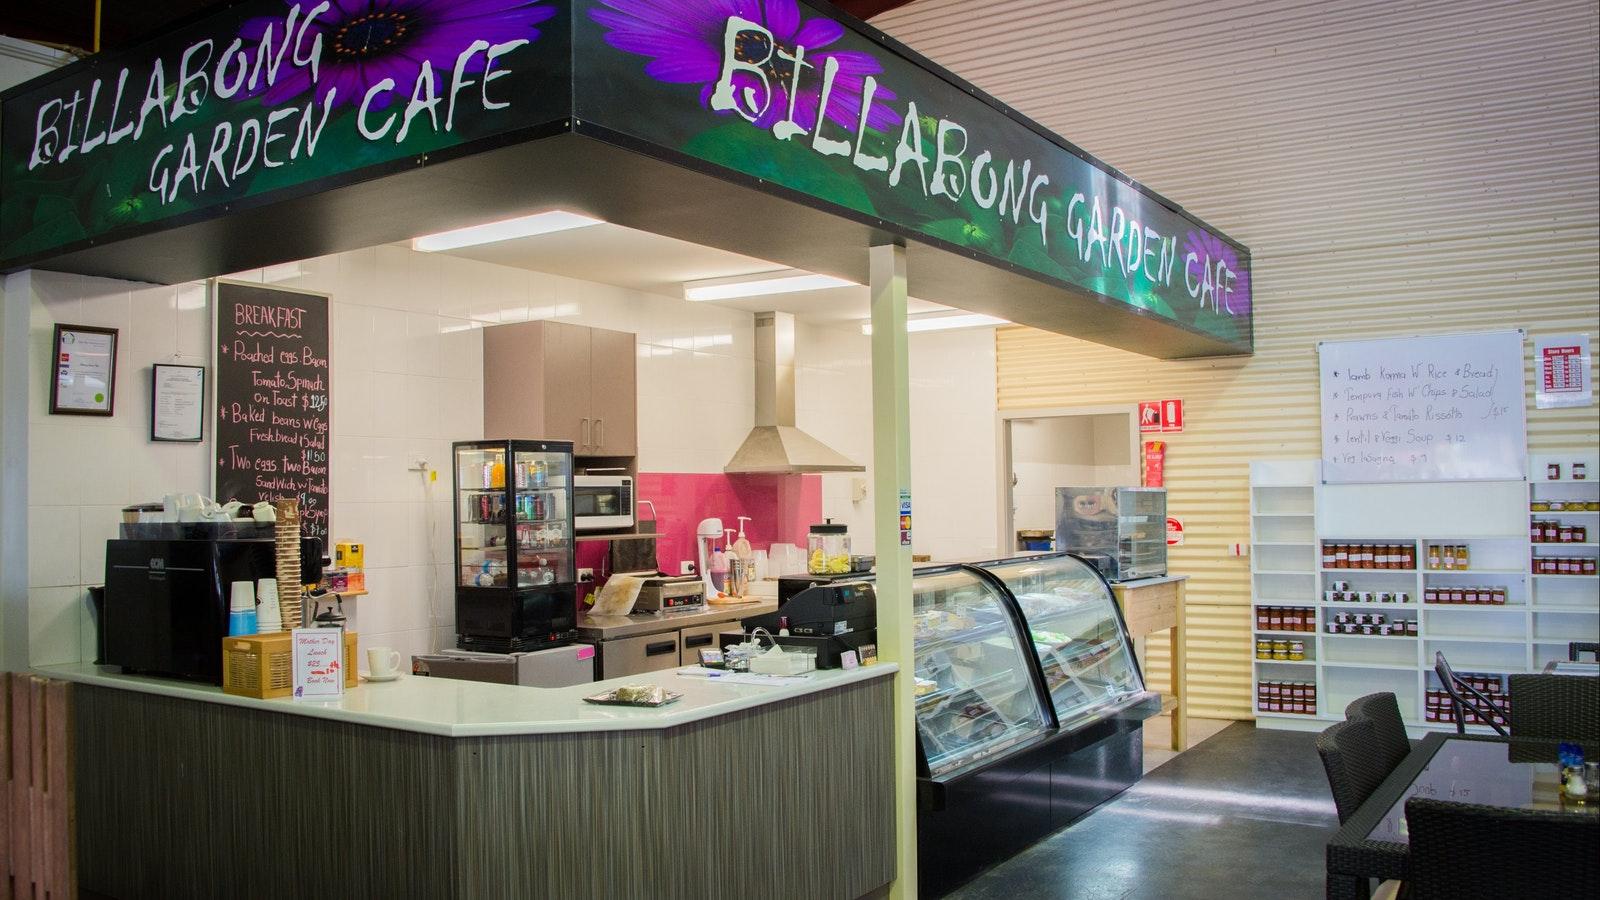 Billabong Garden Complex & Cafe